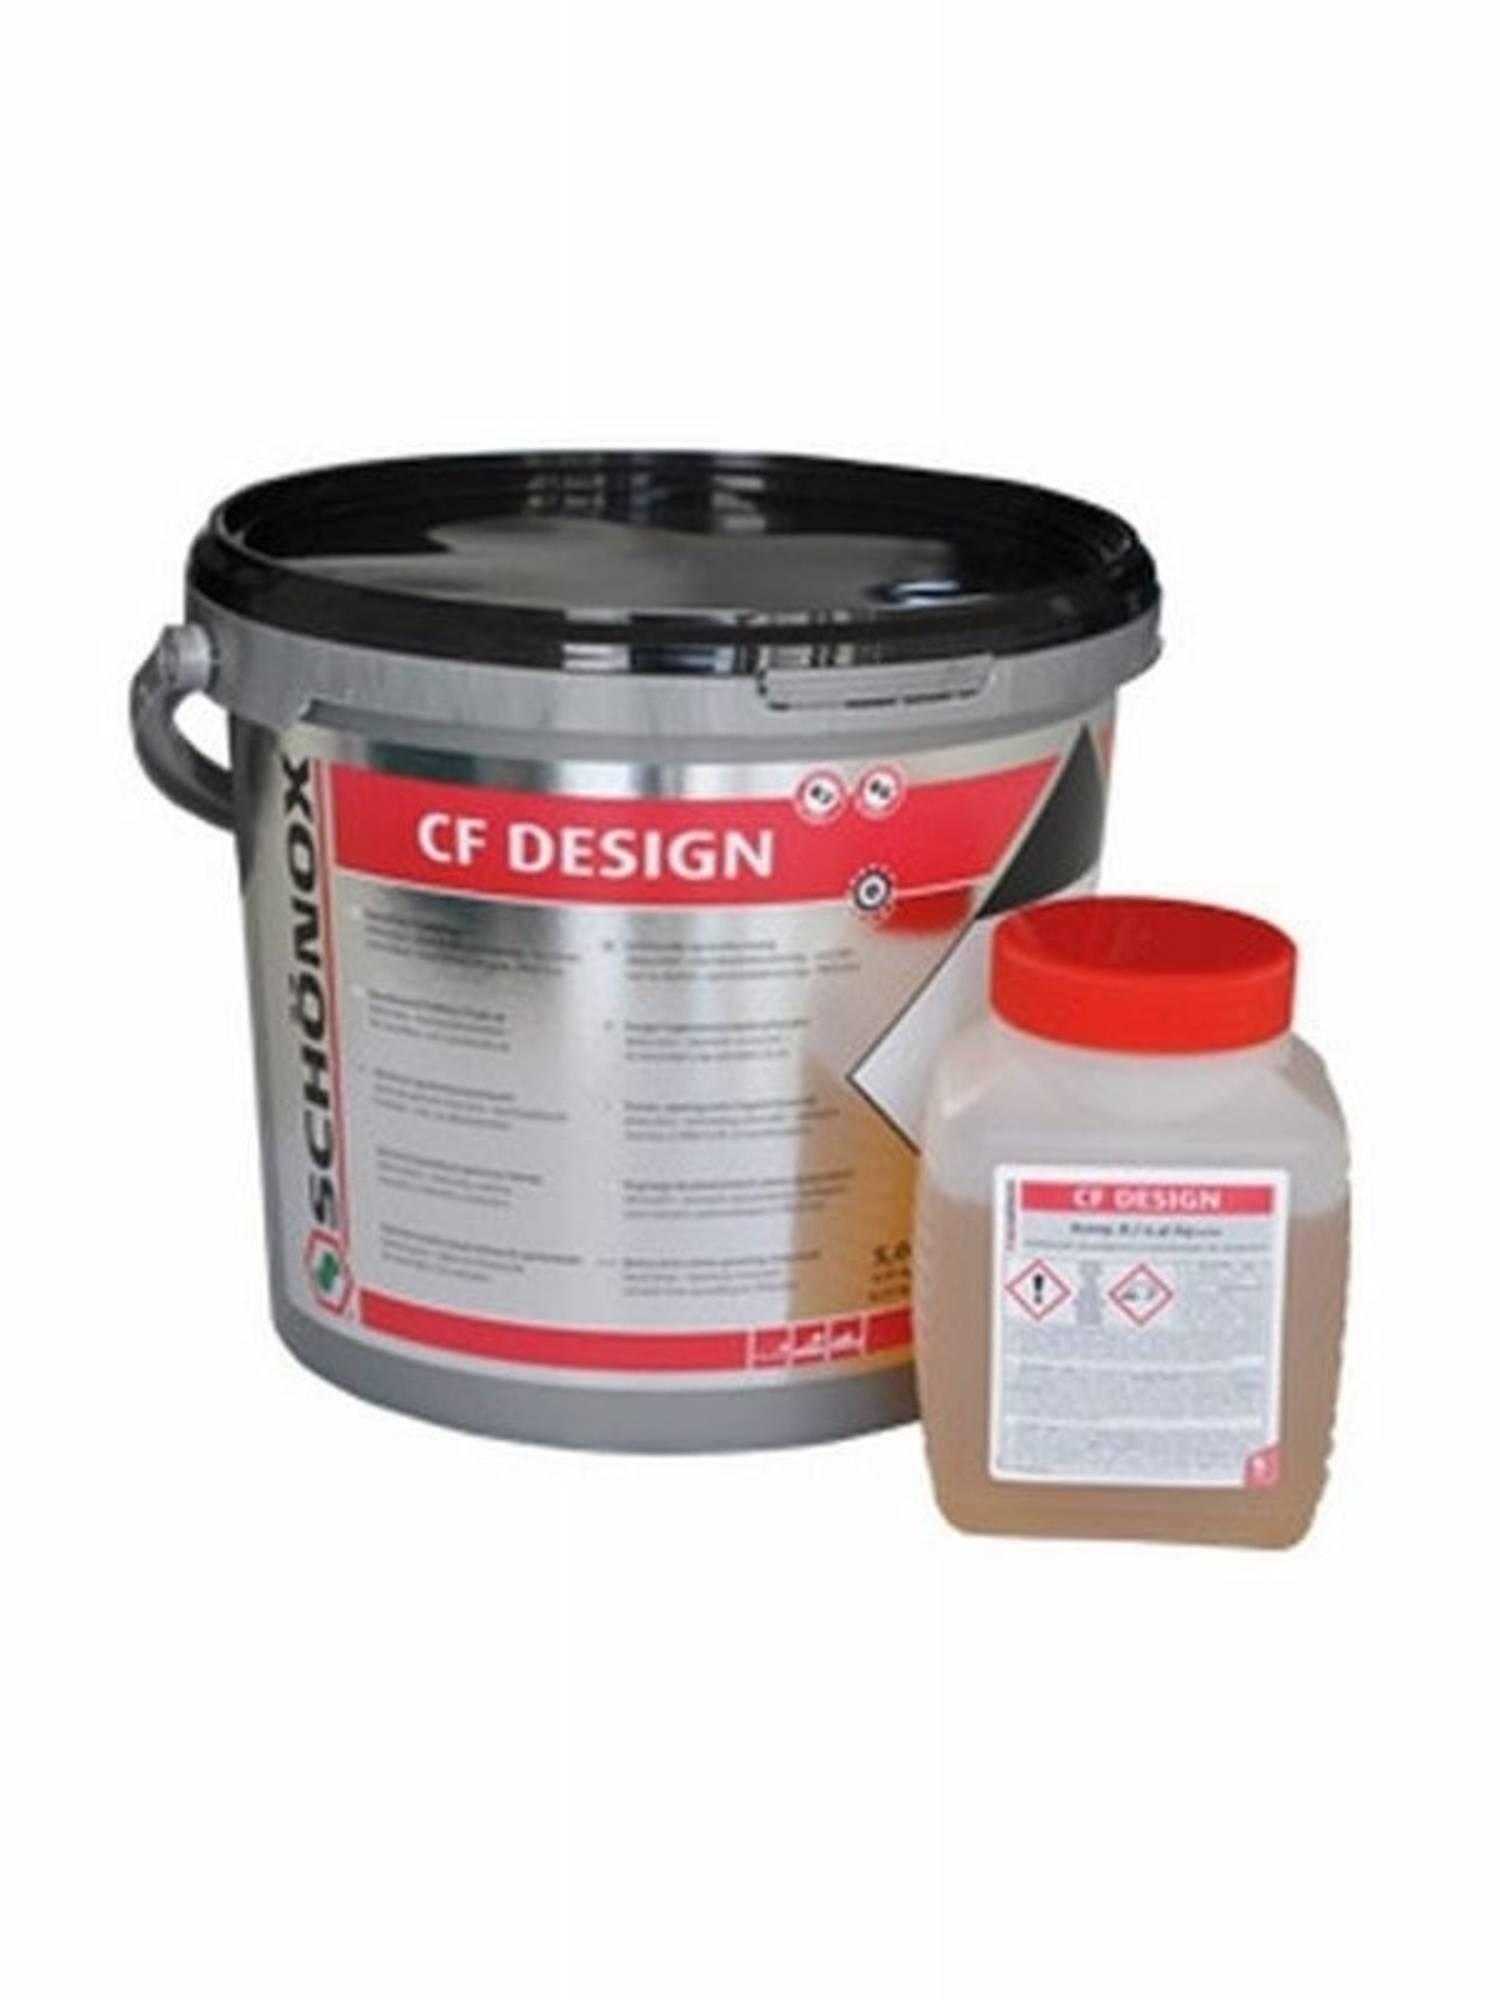 SCHONOX CF DESIGN epoxyharsvoeg emmer a 5 kg. ANTRACIET (0000244083)